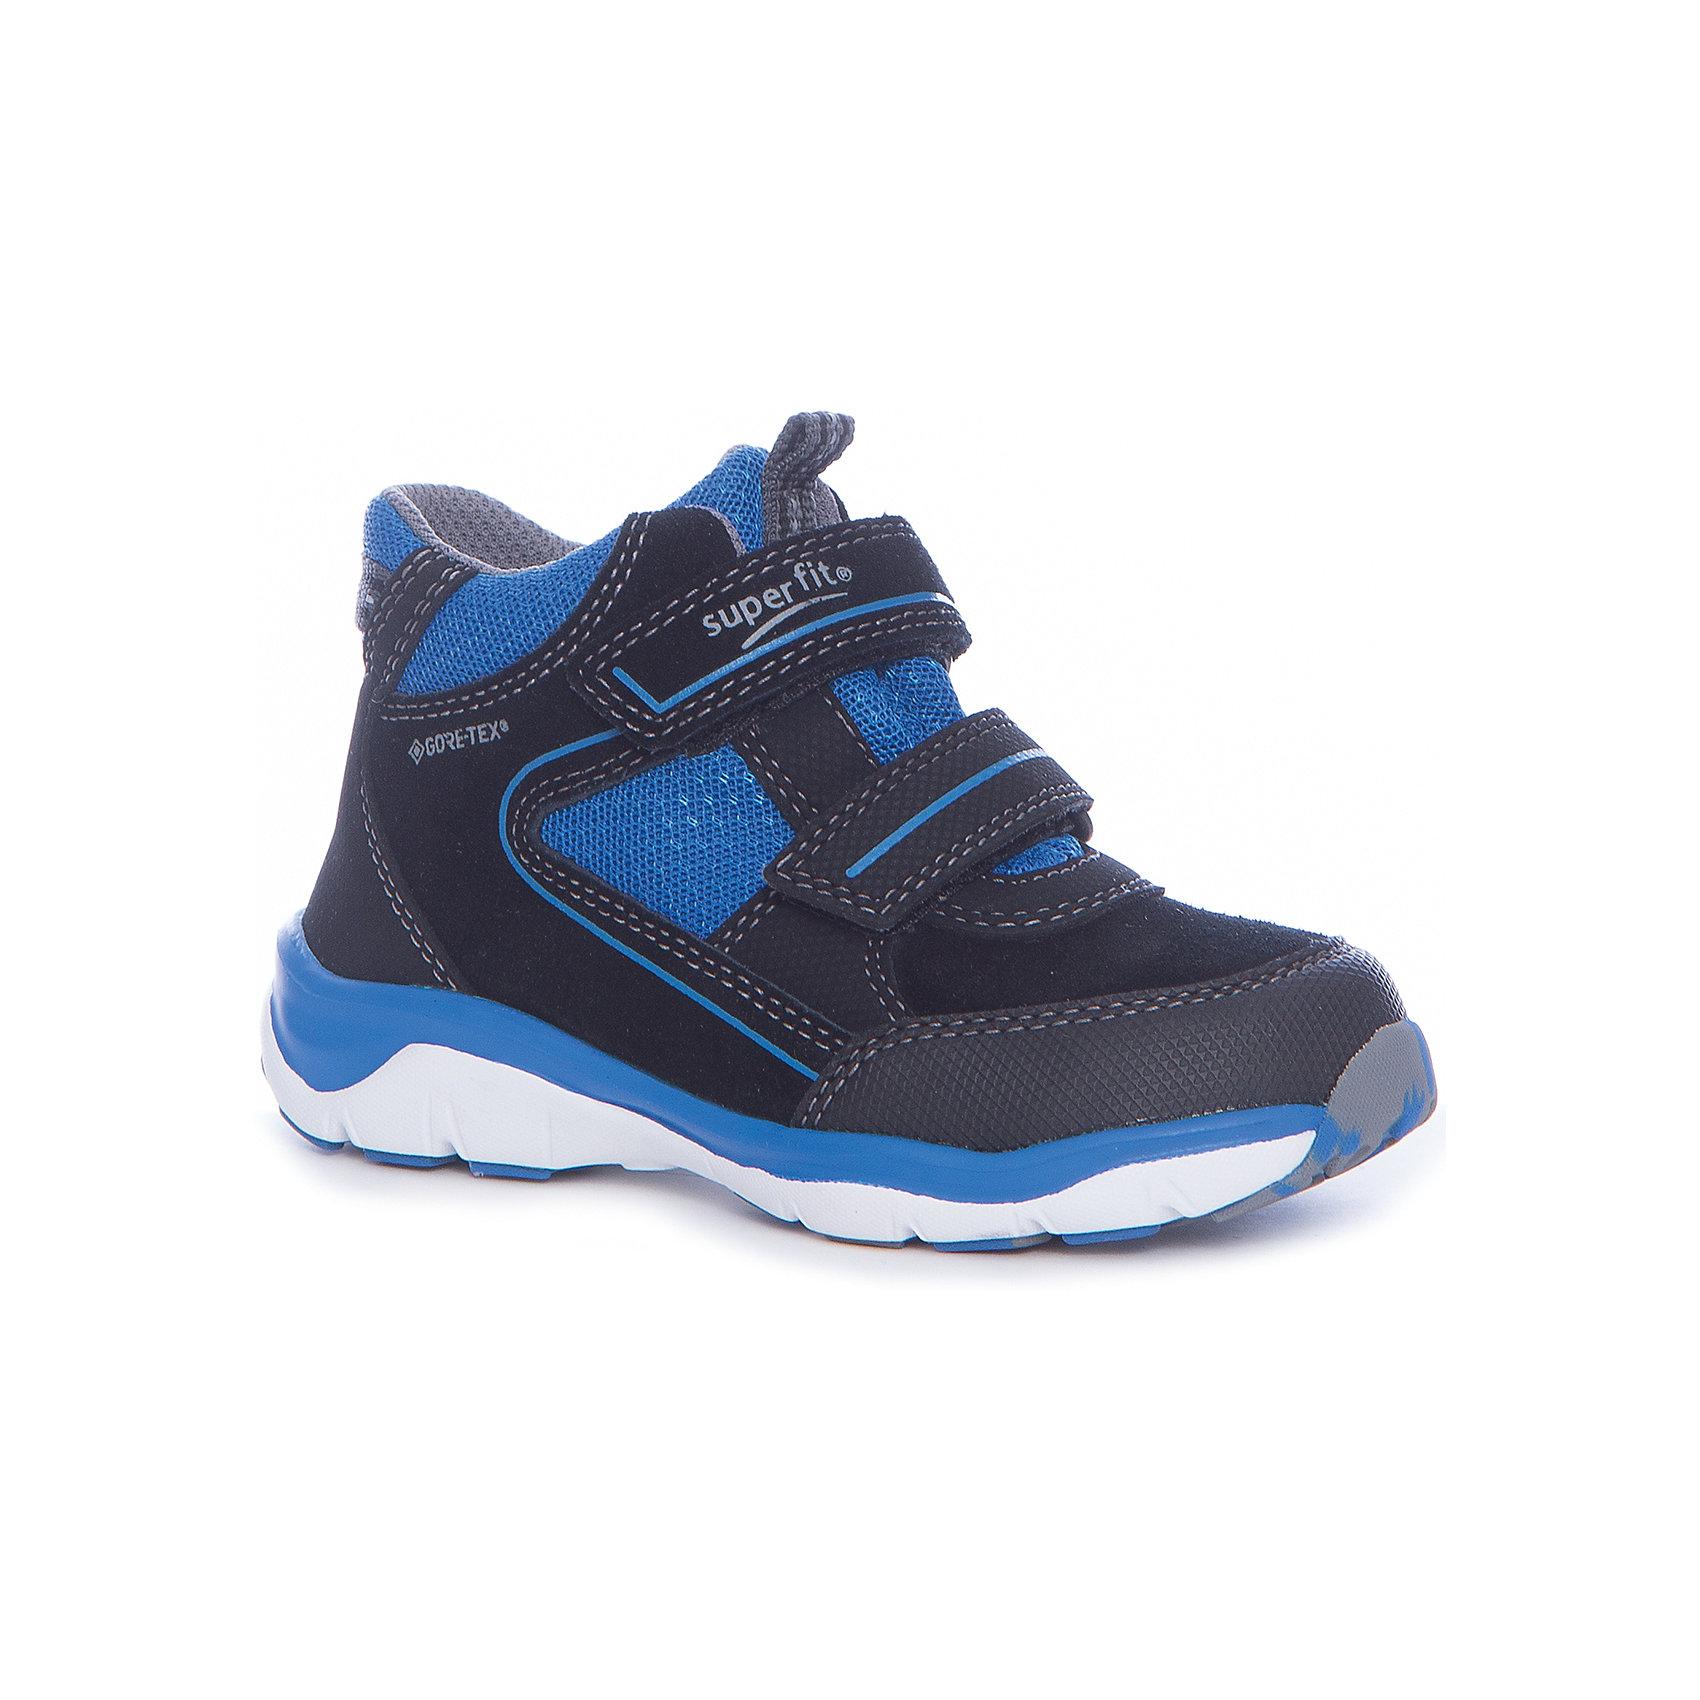 Ботинки Superfit для мальчикаБотинки<br>Характеристики товара:<br><br>• цвет: синий<br>• внешний материал: замша, текстиль<br>• внутренний материал: текстиль<br>• стелька: кожа<br>• подошва: полимер<br>• сезон: демисезон<br>• мембранные<br>• температурный режим: от -10 до +10<br>• особенности модели: спортивный стиль<br>• застежка: липучка<br>• защита мыса <br>• анатомические <br>• подошва не скользит<br>• страна бренда: Австрия<br>• страна изготовитель: Вьетнам<br><br>Синие мембранные ботинки сделаны из прочных качественных материалов. Они имеют устойчивую подошву и удобную застежку. Ботинки для мальчика Superfit легко надеваются и хорошо держатся на ноге благодаря надежной липучке. <br><br>Обувь Superfit не требует сложного ухода. Большинство загрязнений легко удаляются влажной губкой, сильные загрязнения можно смыть под струей воды сразу после прогулки.<br><br>Ботинки для мальчика Superfit (Суперфит) можно купить в нашем интернет-магазине.<br><br>Ширина мм: 262<br>Глубина мм: 176<br>Высота мм: 97<br>Вес г: 427<br>Цвет: черный<br>Возраст от месяцев: 21<br>Возраст до месяцев: 24<br>Пол: Мужской<br>Возраст: Детский<br>Размер: 24,32,26,25,27,28,29,30,31<br>SKU: 7051188